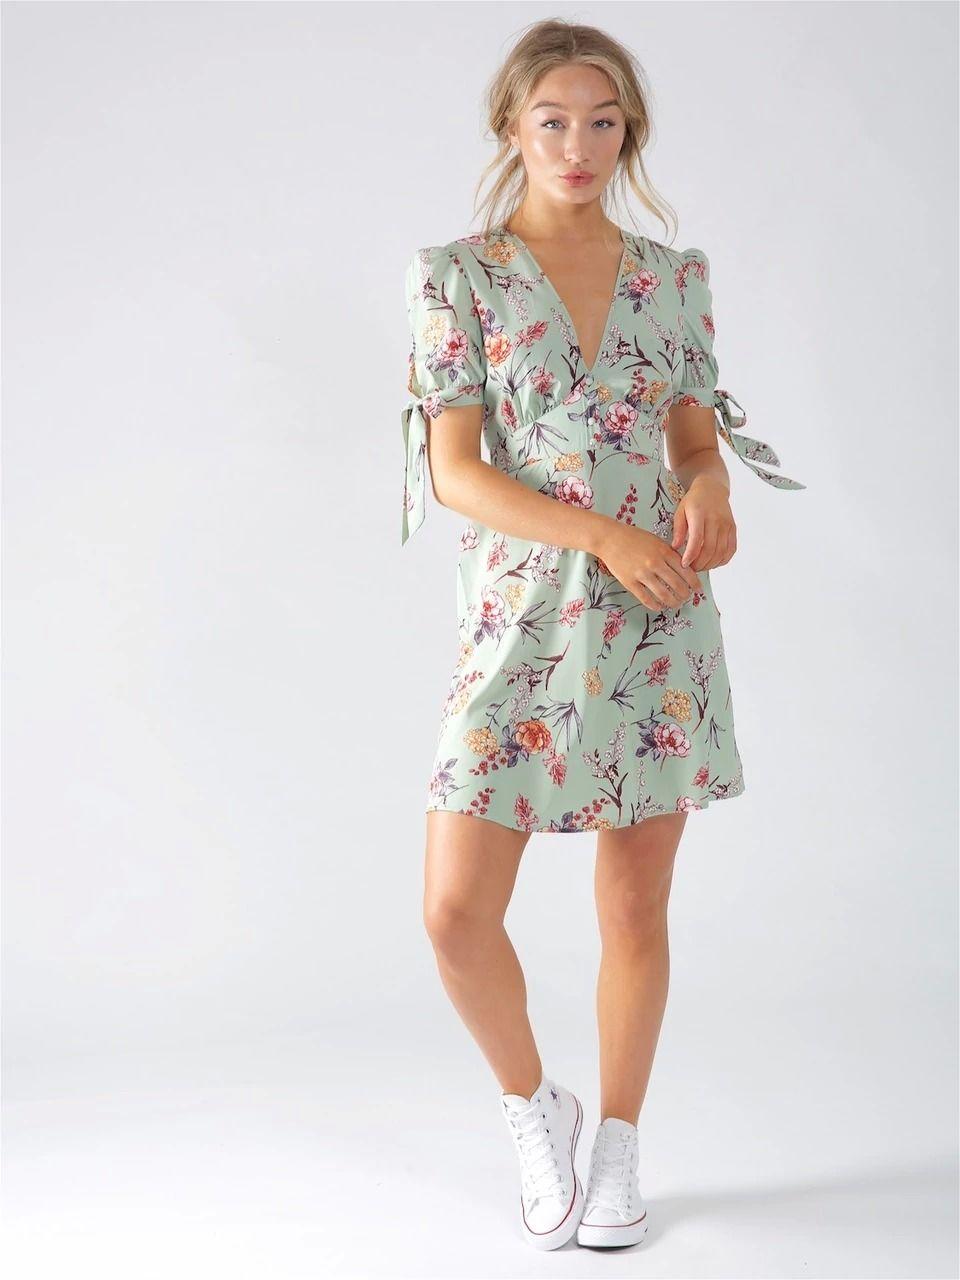 1fbed7f425 ... sukienki wieczorowe użytkownika SibySi. Lily Sukienka letnia w kwiaty